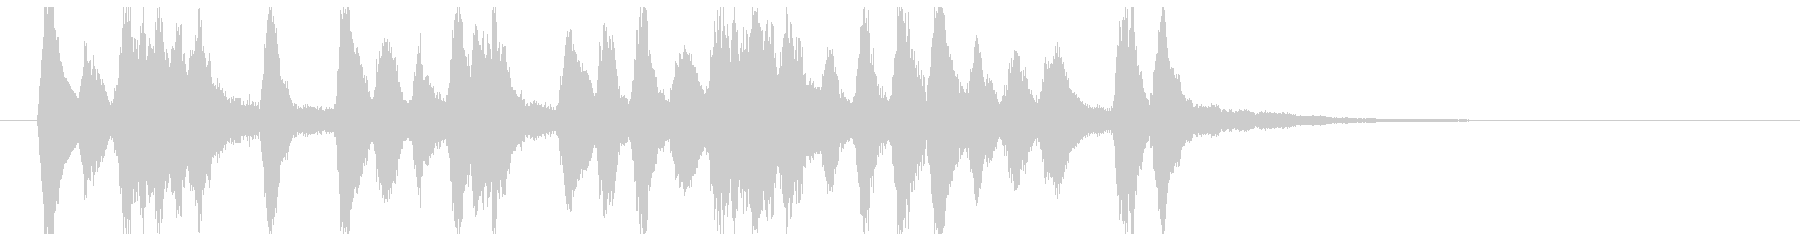 ストリングスを使用した高貴なイメージ音源の未再生の波形